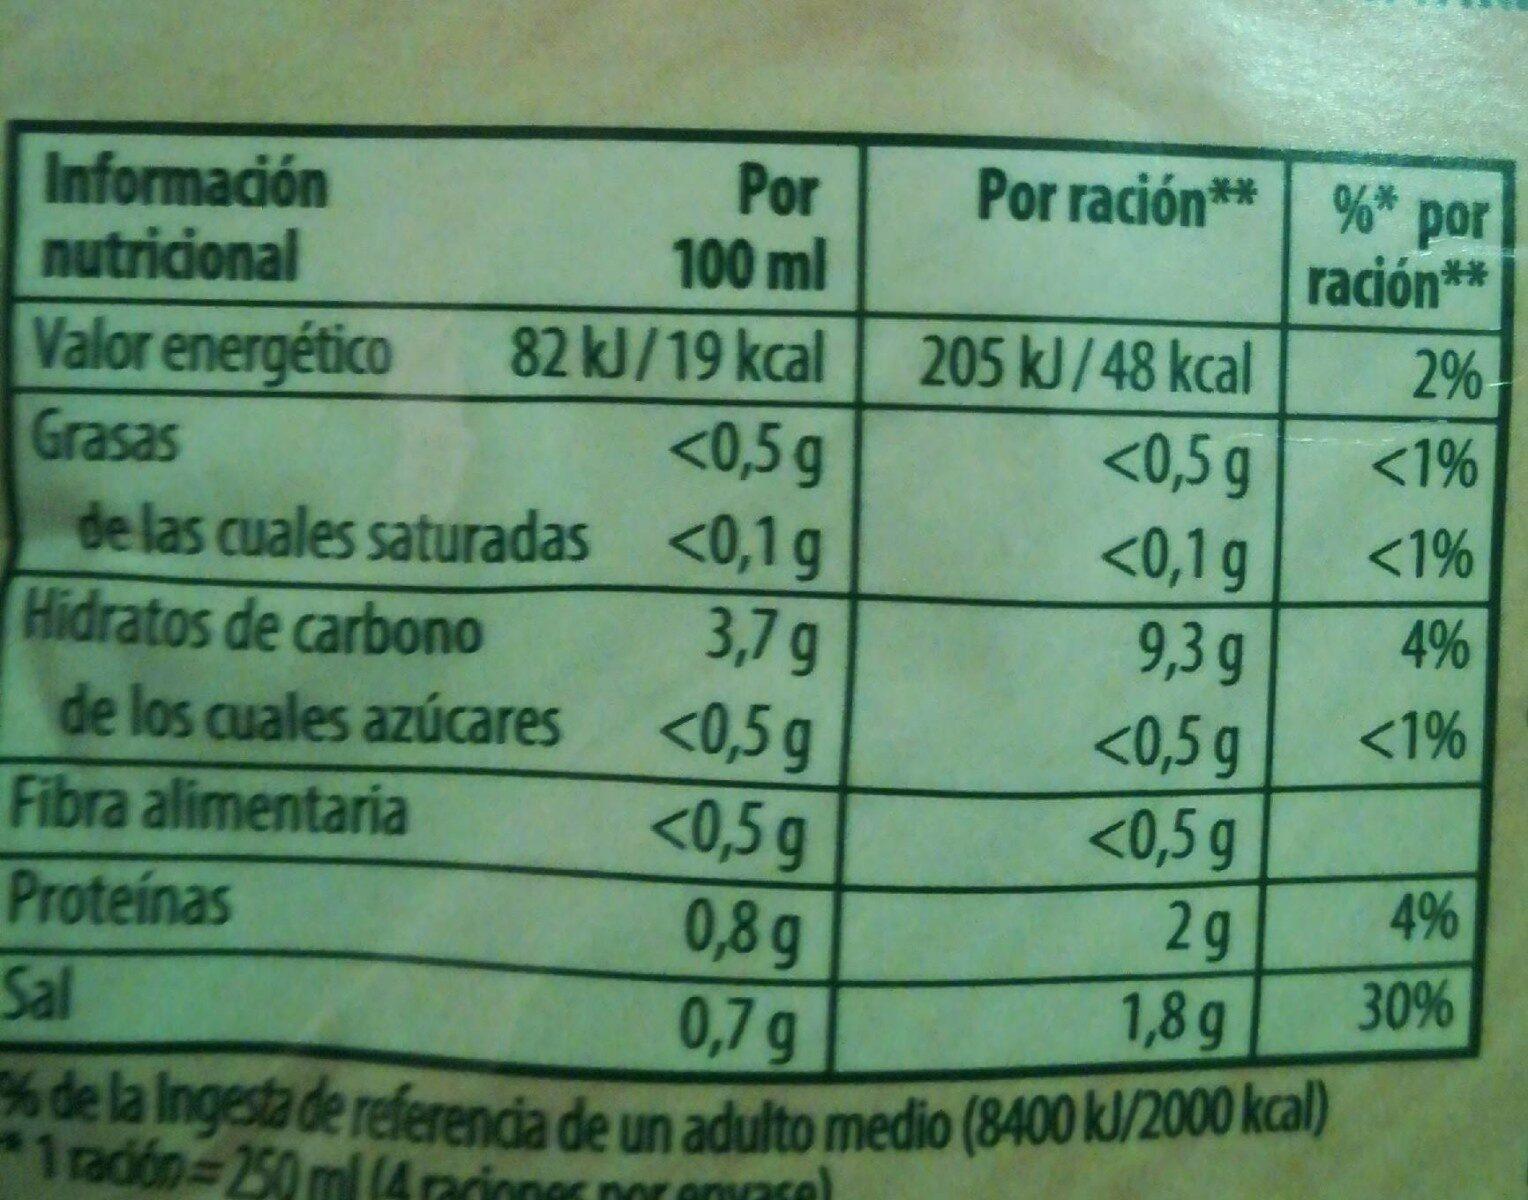 Sopa De Fideus En Sobre Knorr - Informations nutritionnelles - fr